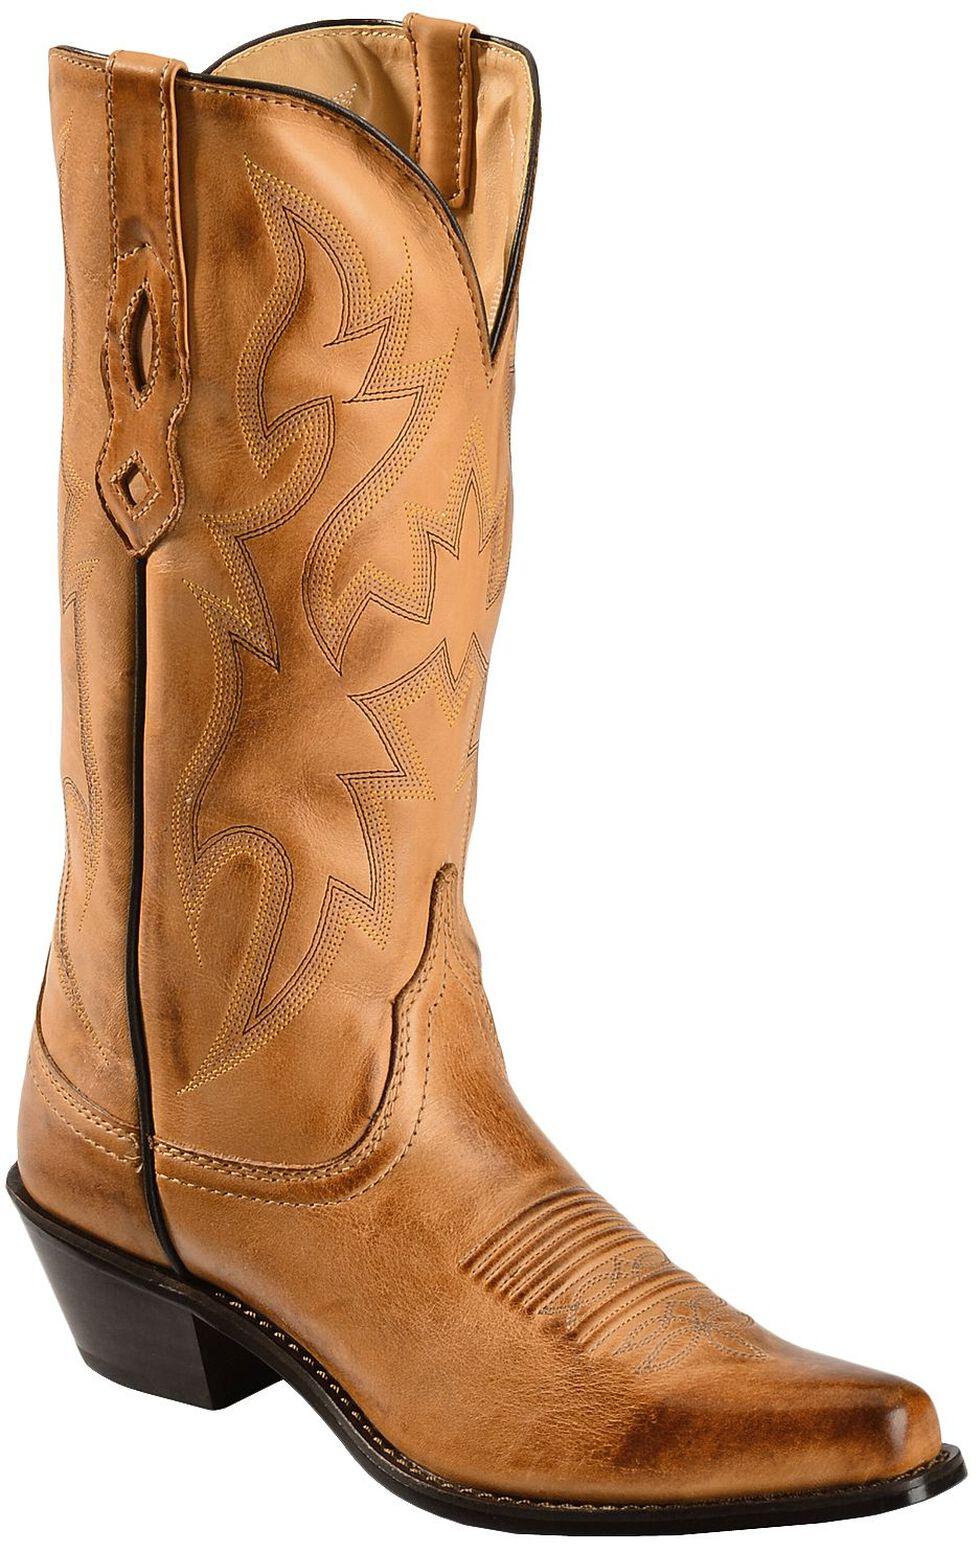 Nocona Deertan Cowgirl Boots - Snip Toe, Tan, hi-res